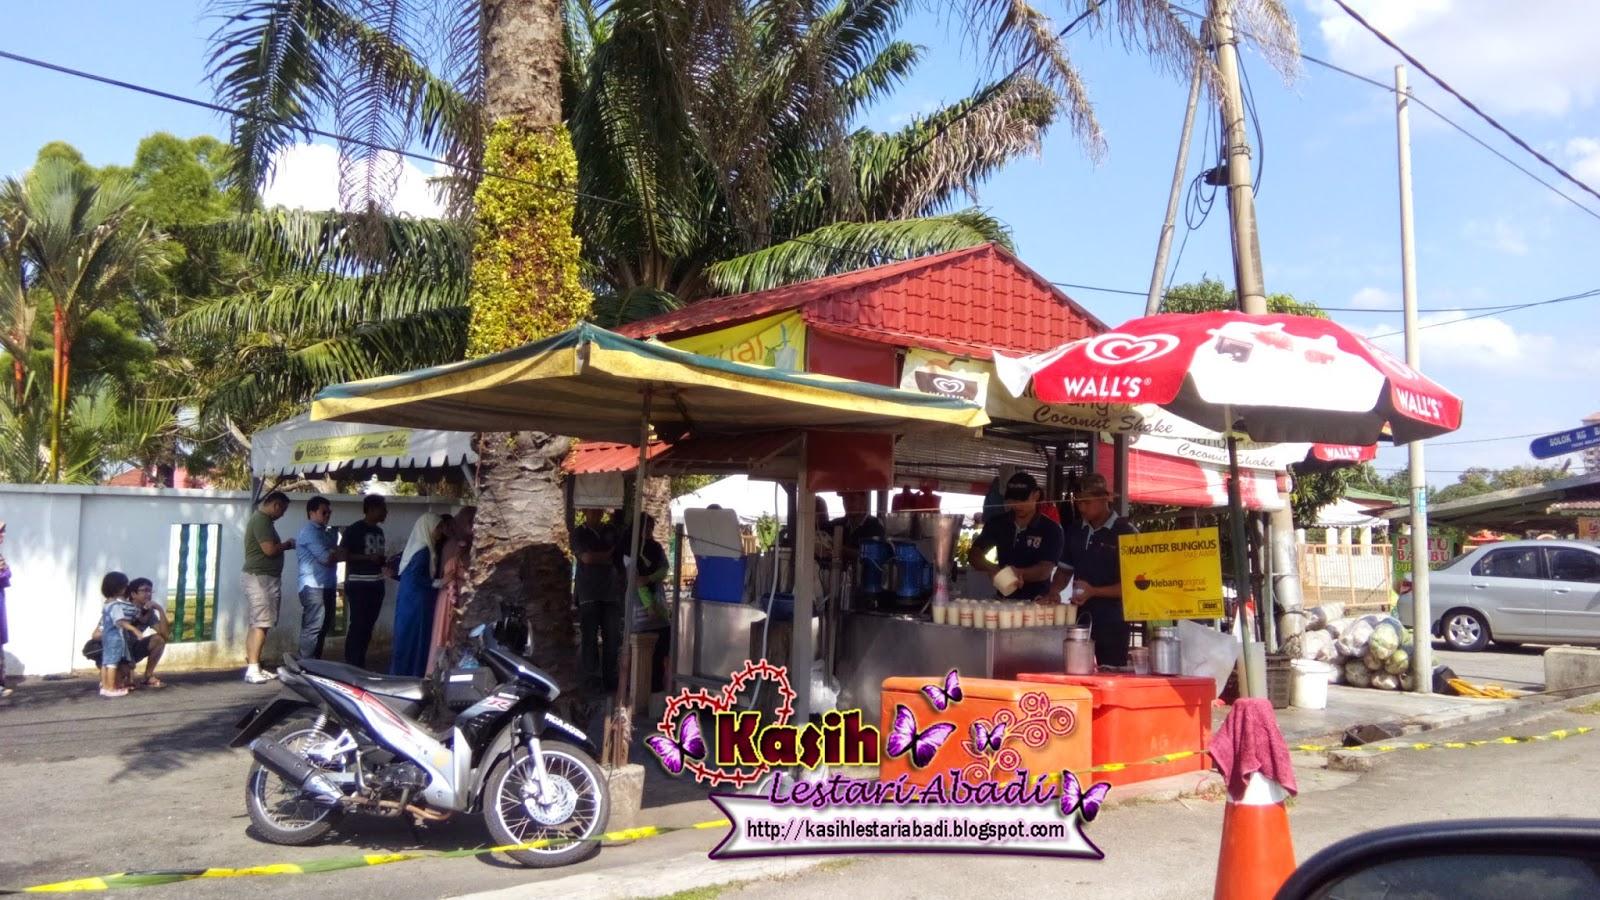 Melaka,Klebang,Coconut Shake